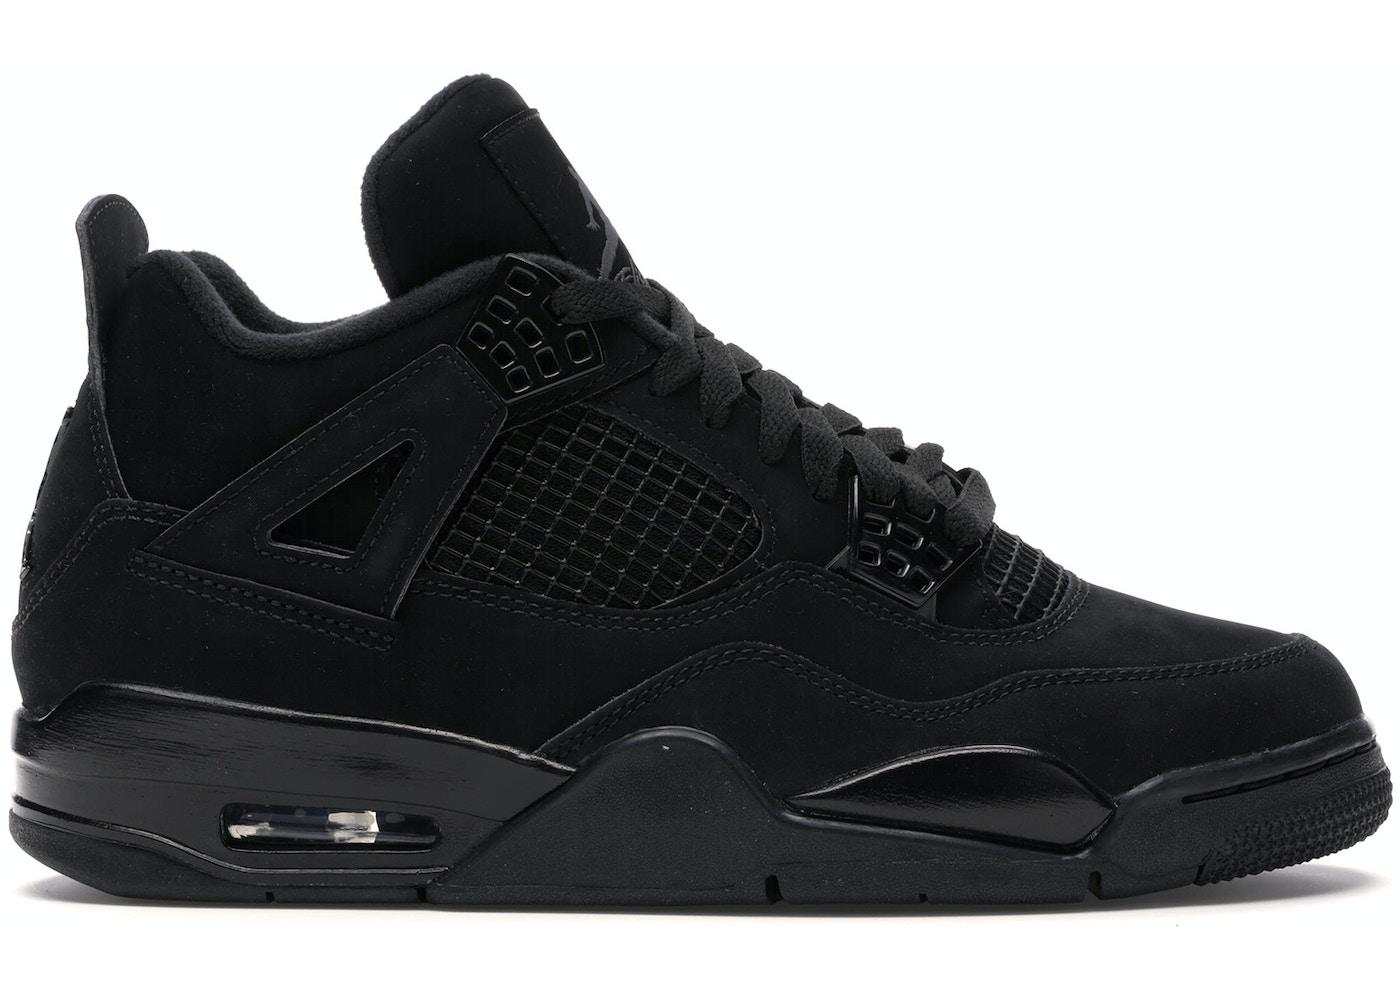 Jordan 4 Retro Black Cat 2020 Cu1110 010